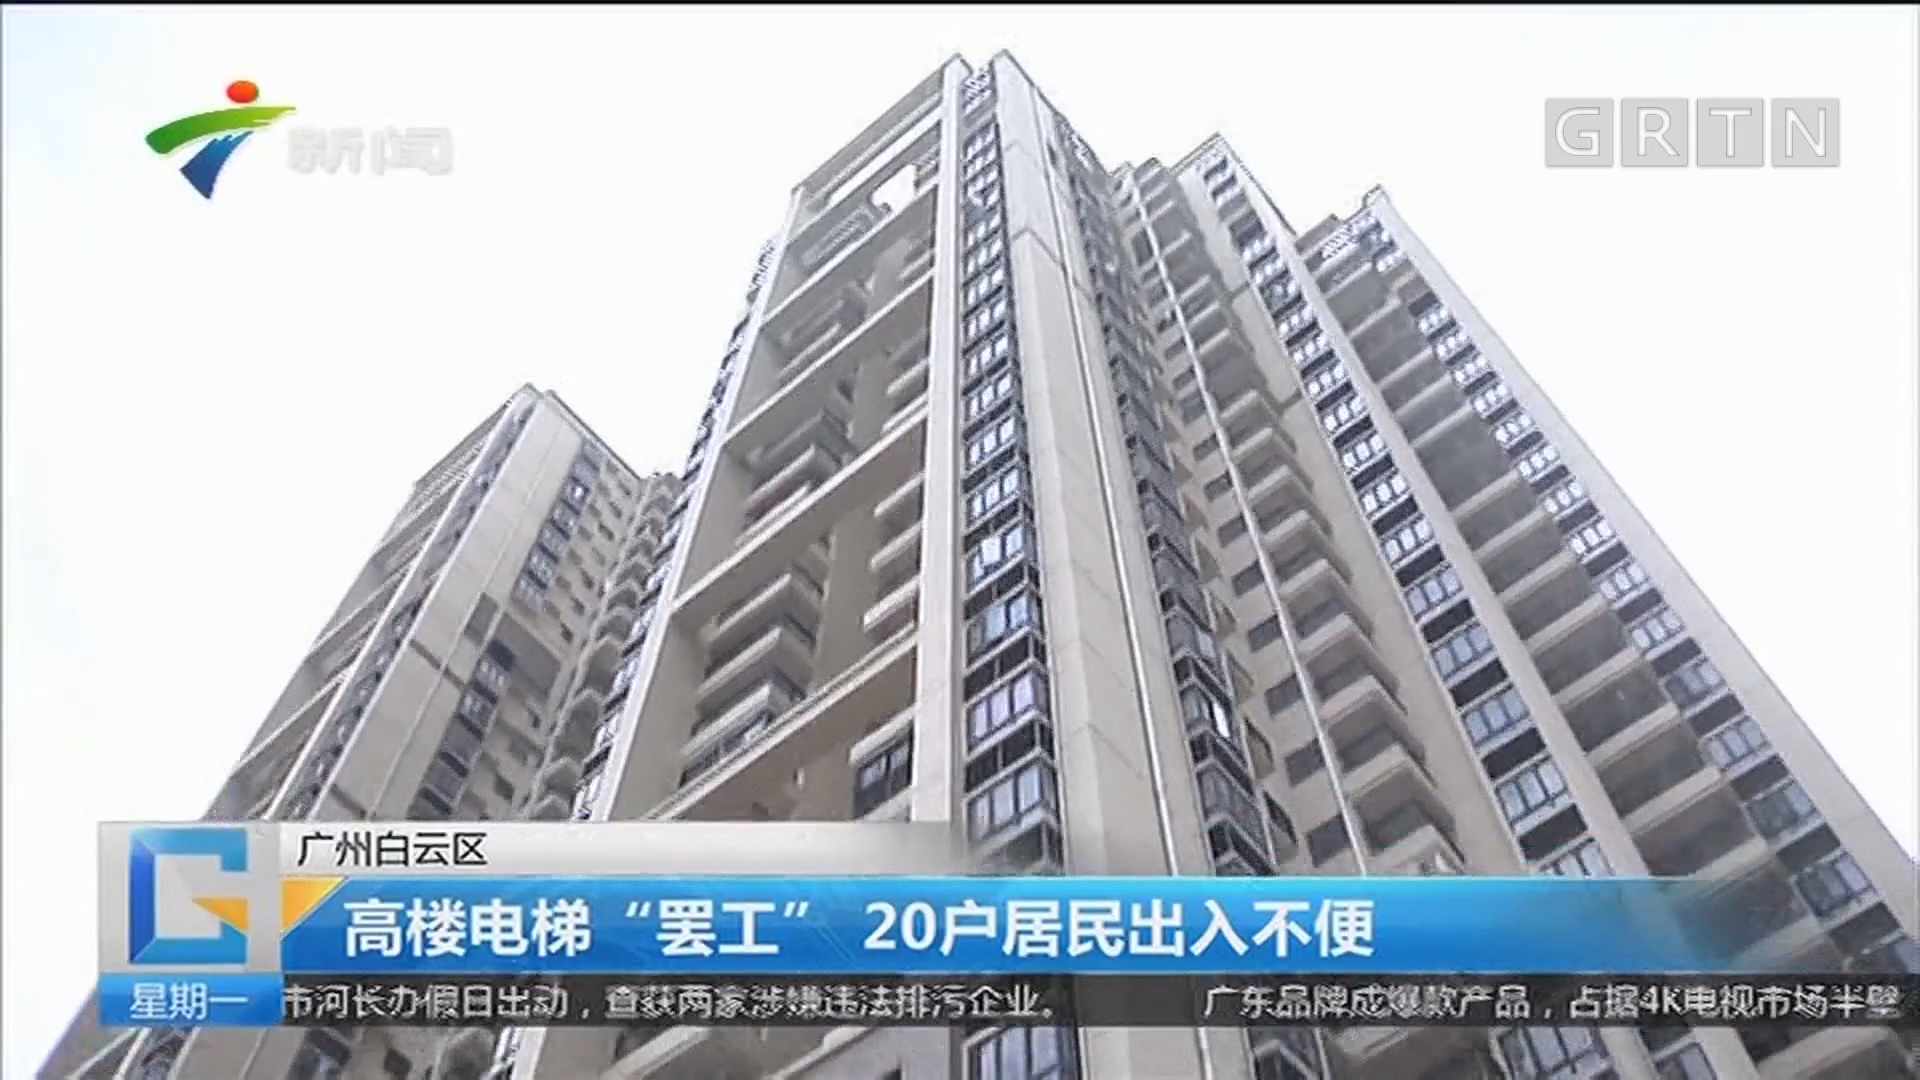 """广州白云区:高楼电梯""""罢工"""" 20户居民出入不便"""